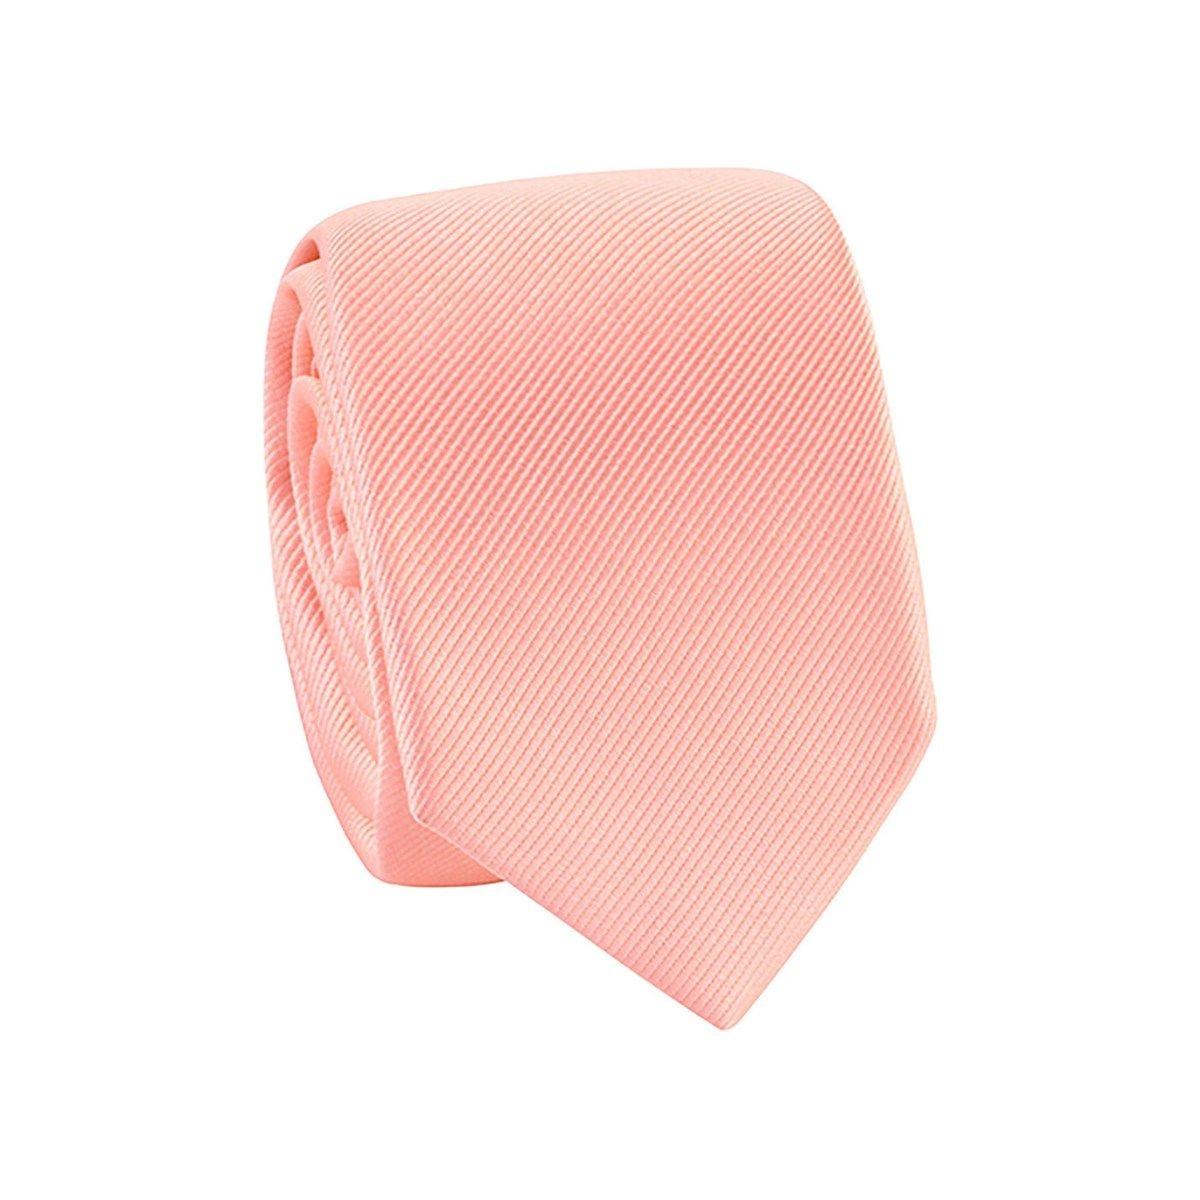 Cravate 100% soie